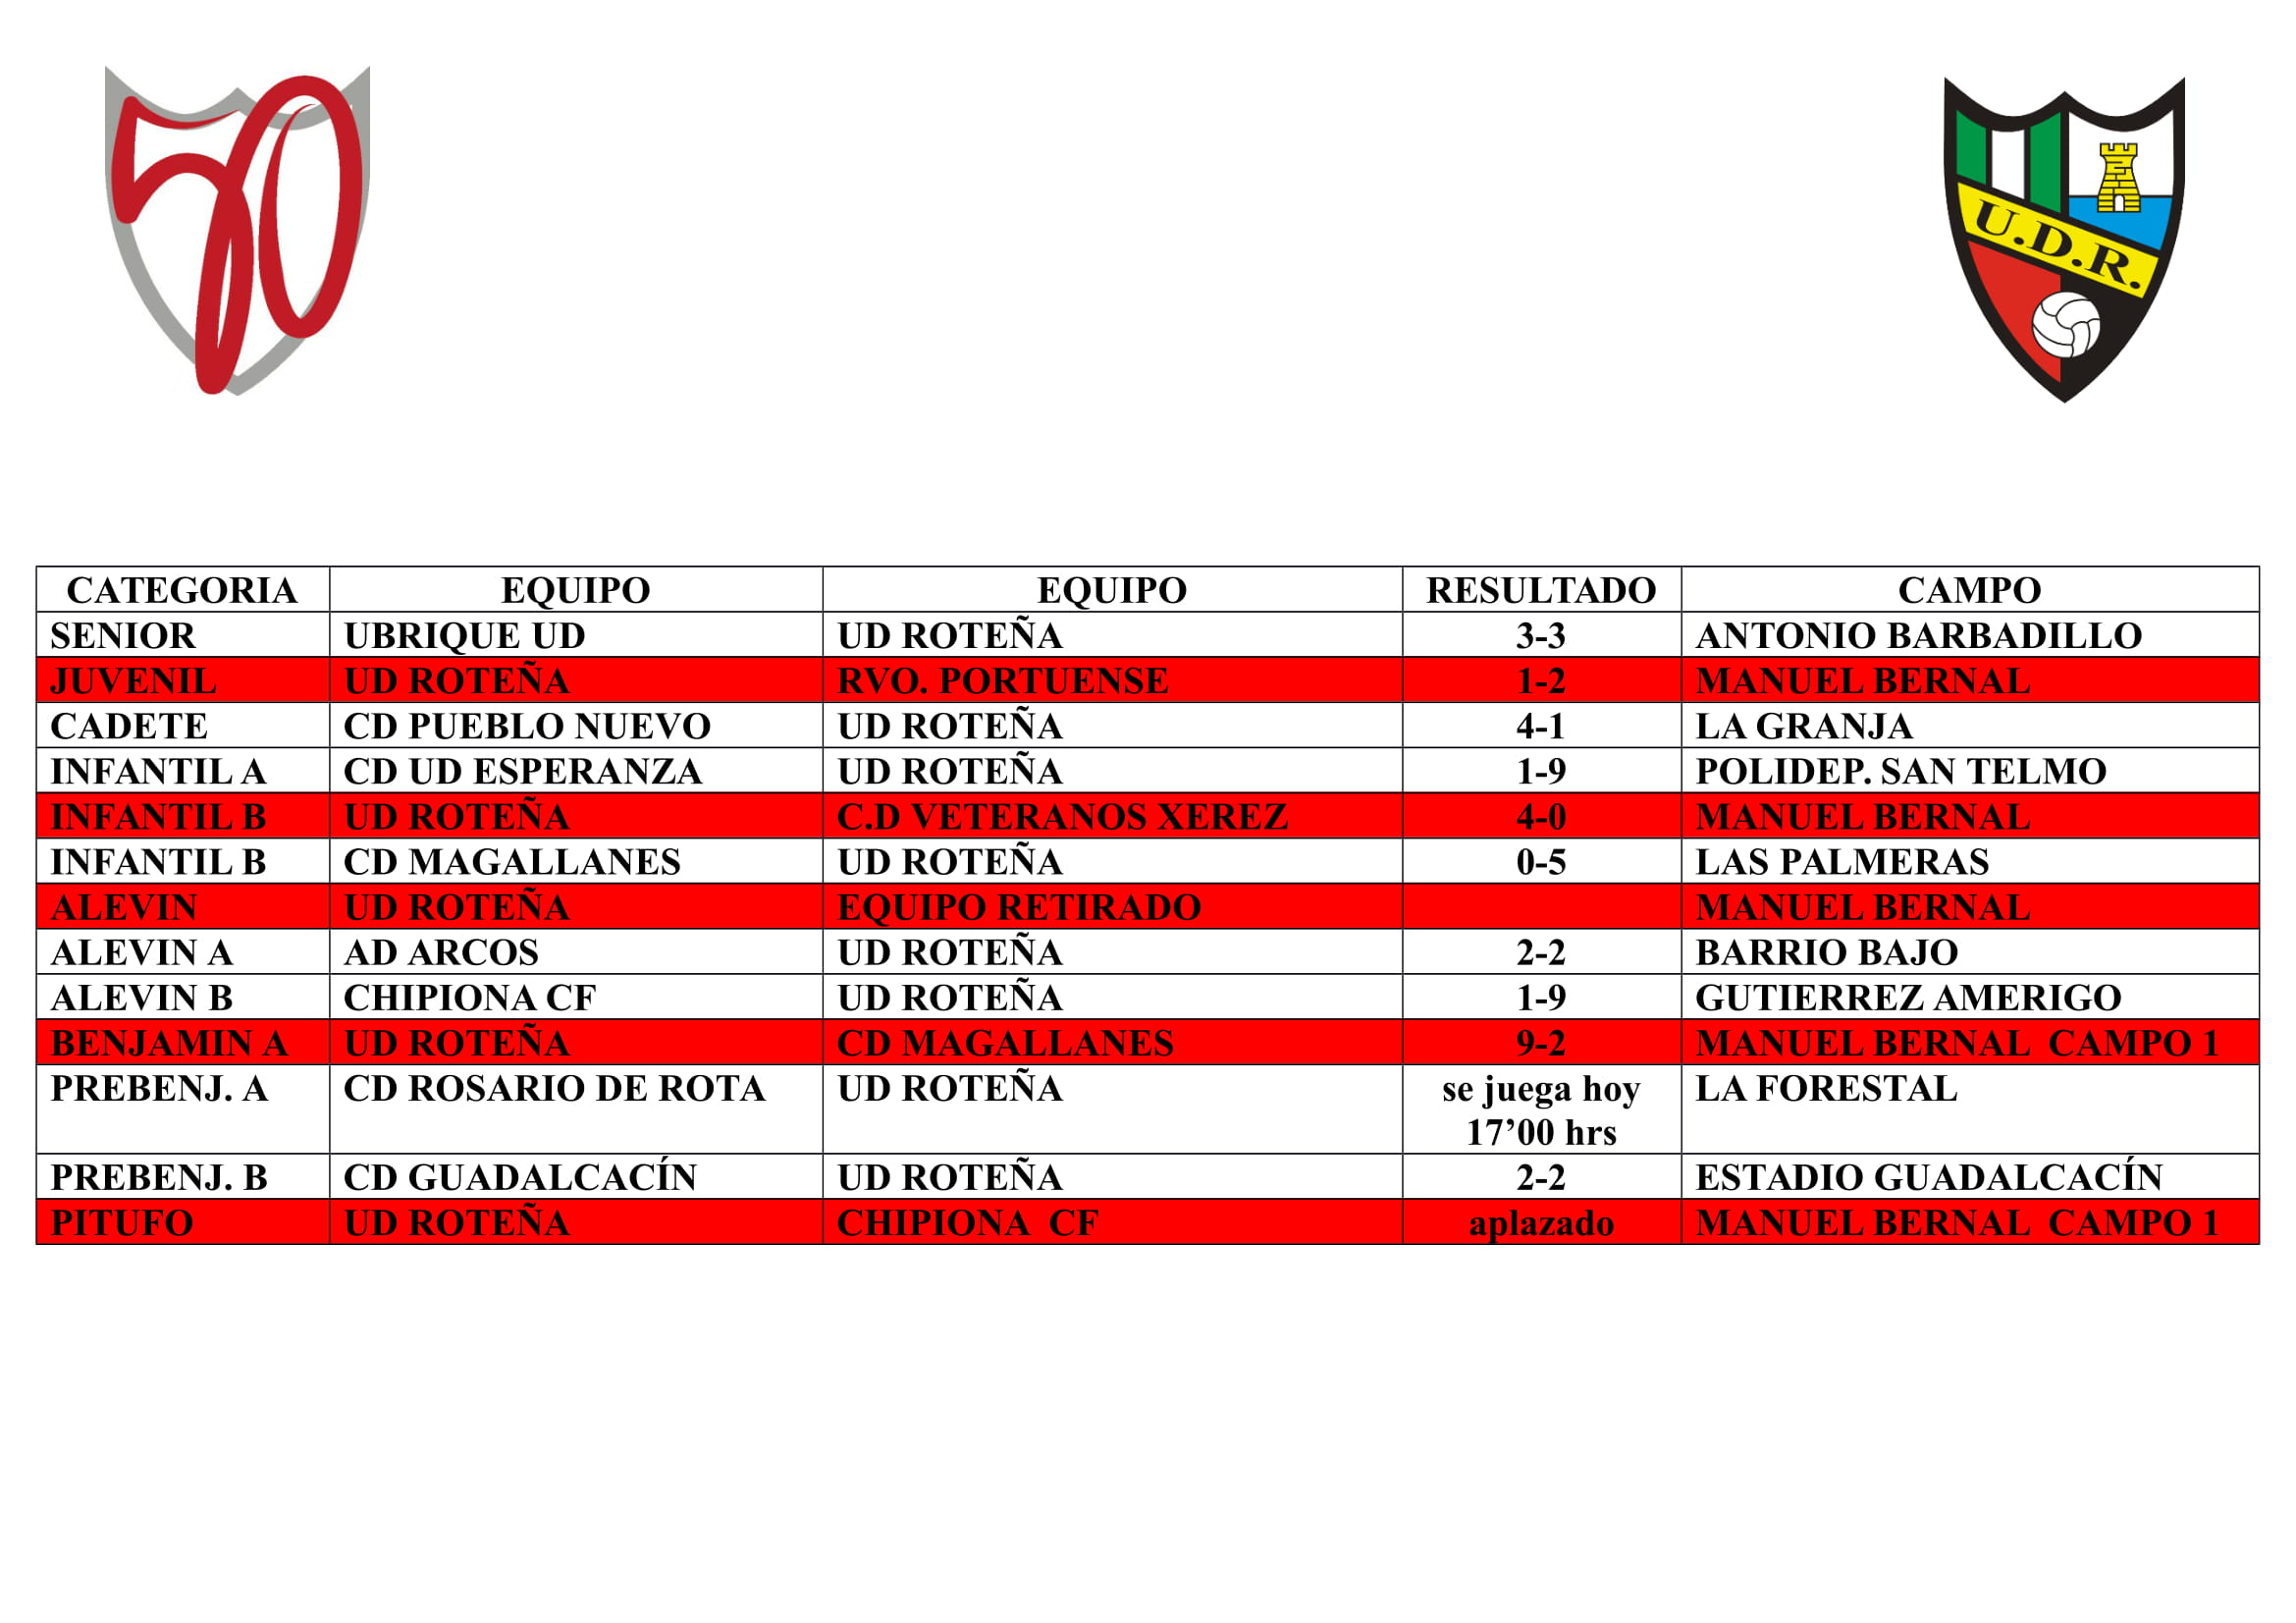 La jornada de nuestros equipos (del 21 al 23 dic)